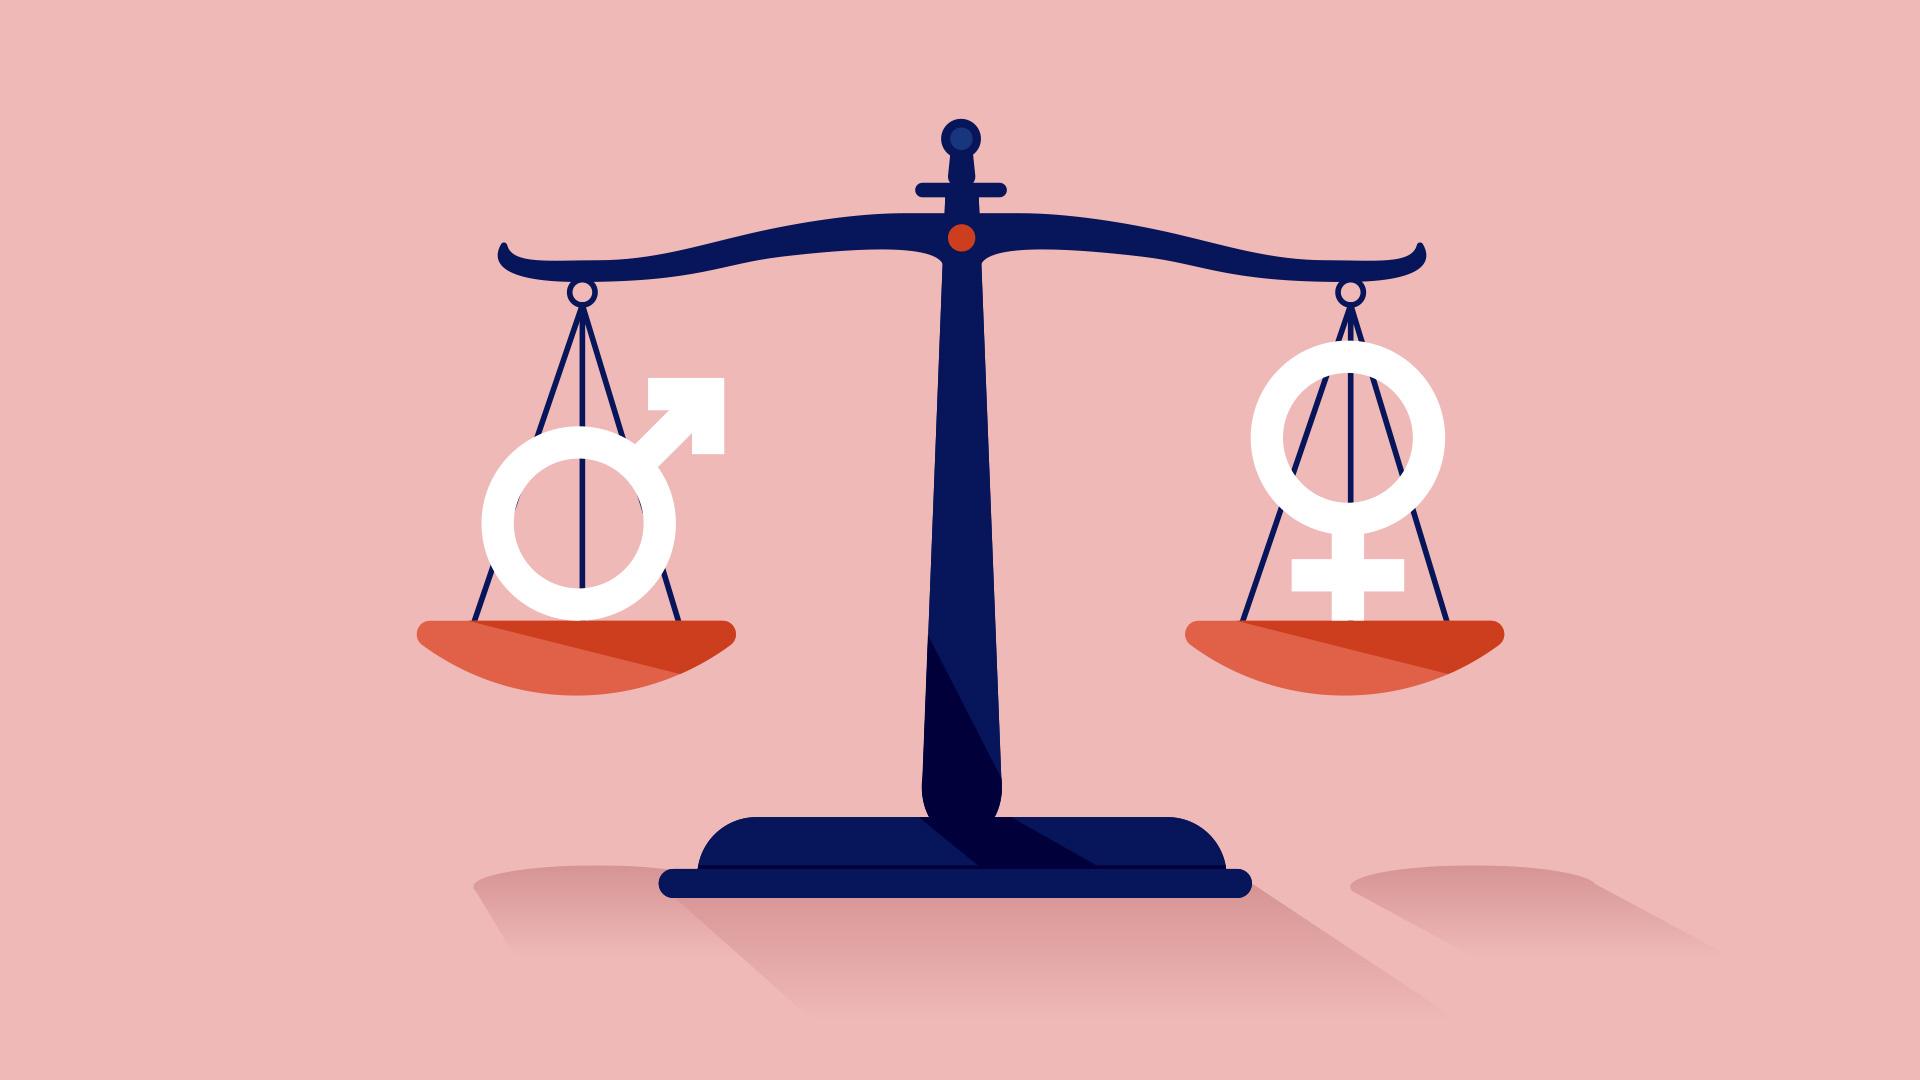 Traditioneller Ehe-Begriff ist keine Diskriminierung